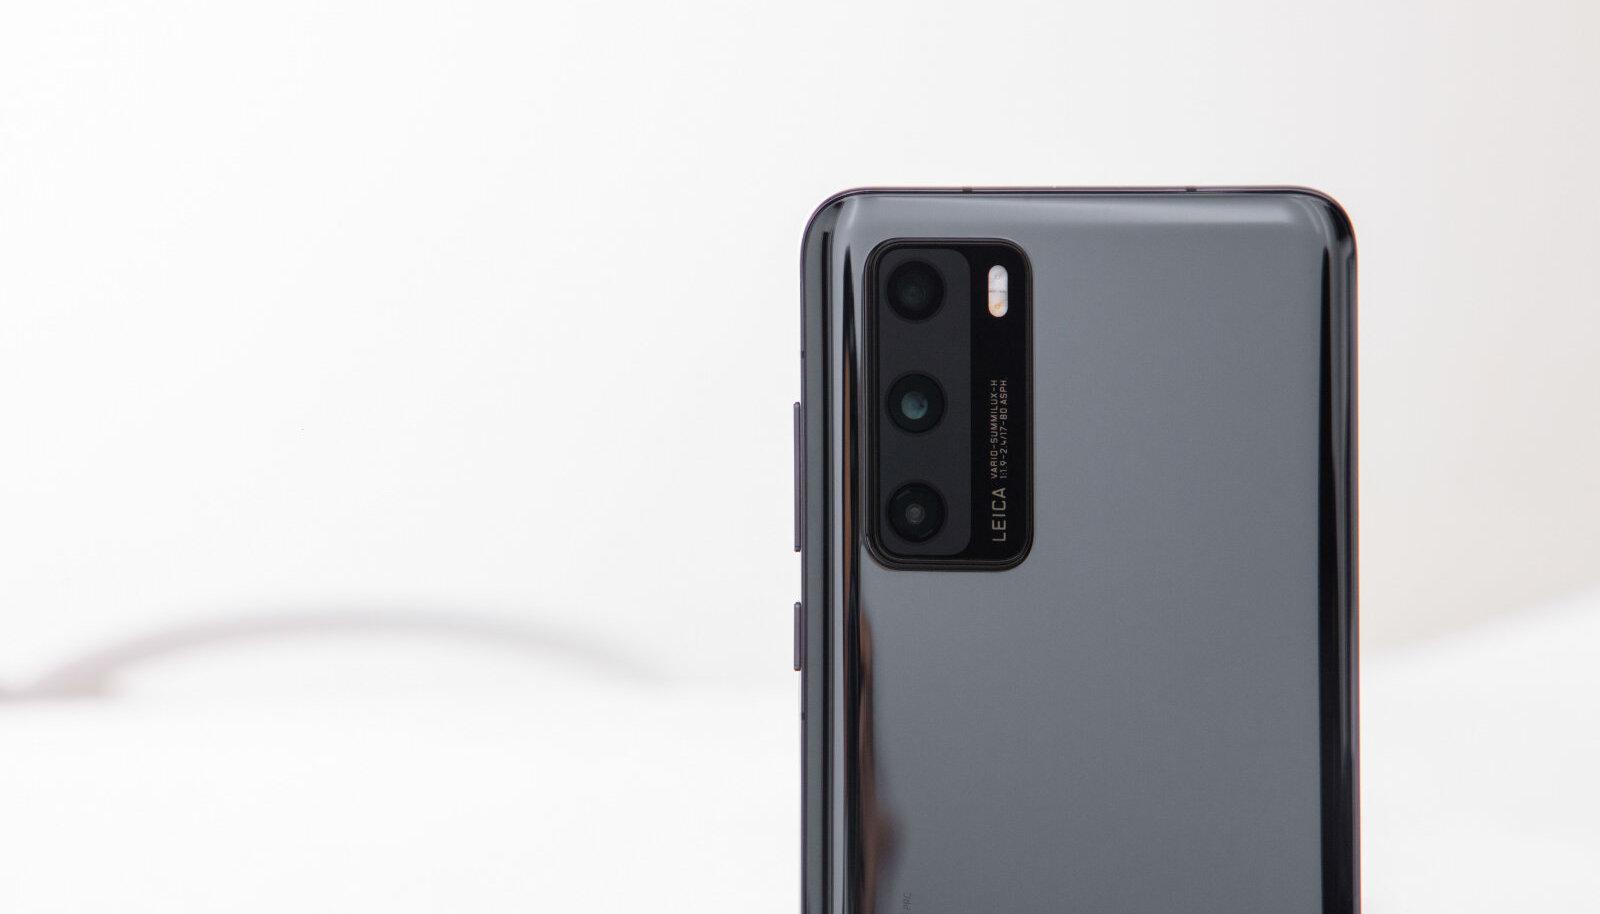 Tänapäeval on Huawei tooted ja teenused saadaval enam kui 170 riigis ning neid kasutab kolmandik maailma elanikkonnast.